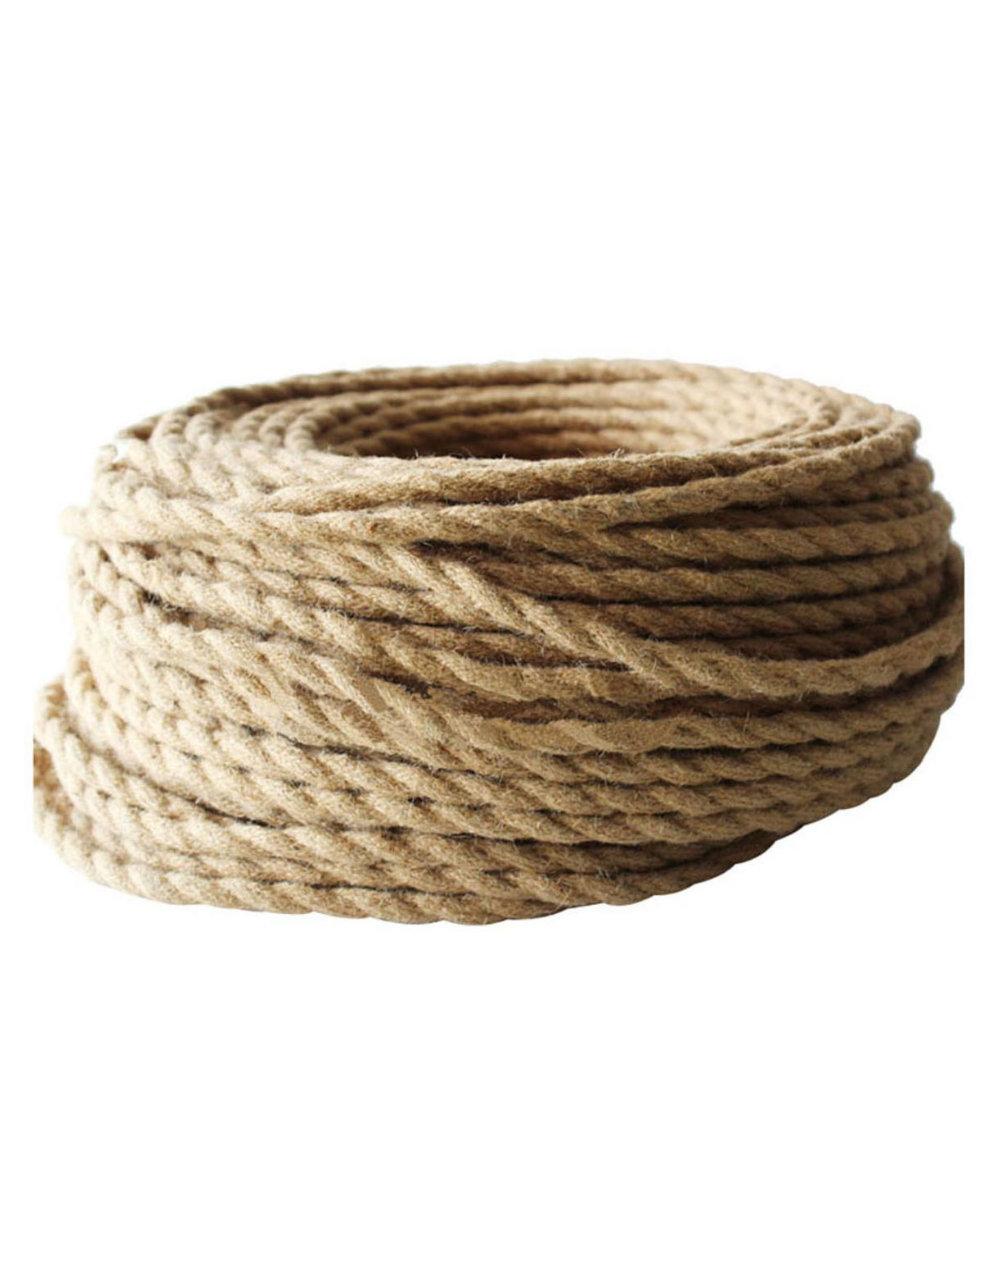 Kábel dvojžilový v podobe retro lana, 2 x 0.75mm, 5 metrov (zvýhodnená cena)